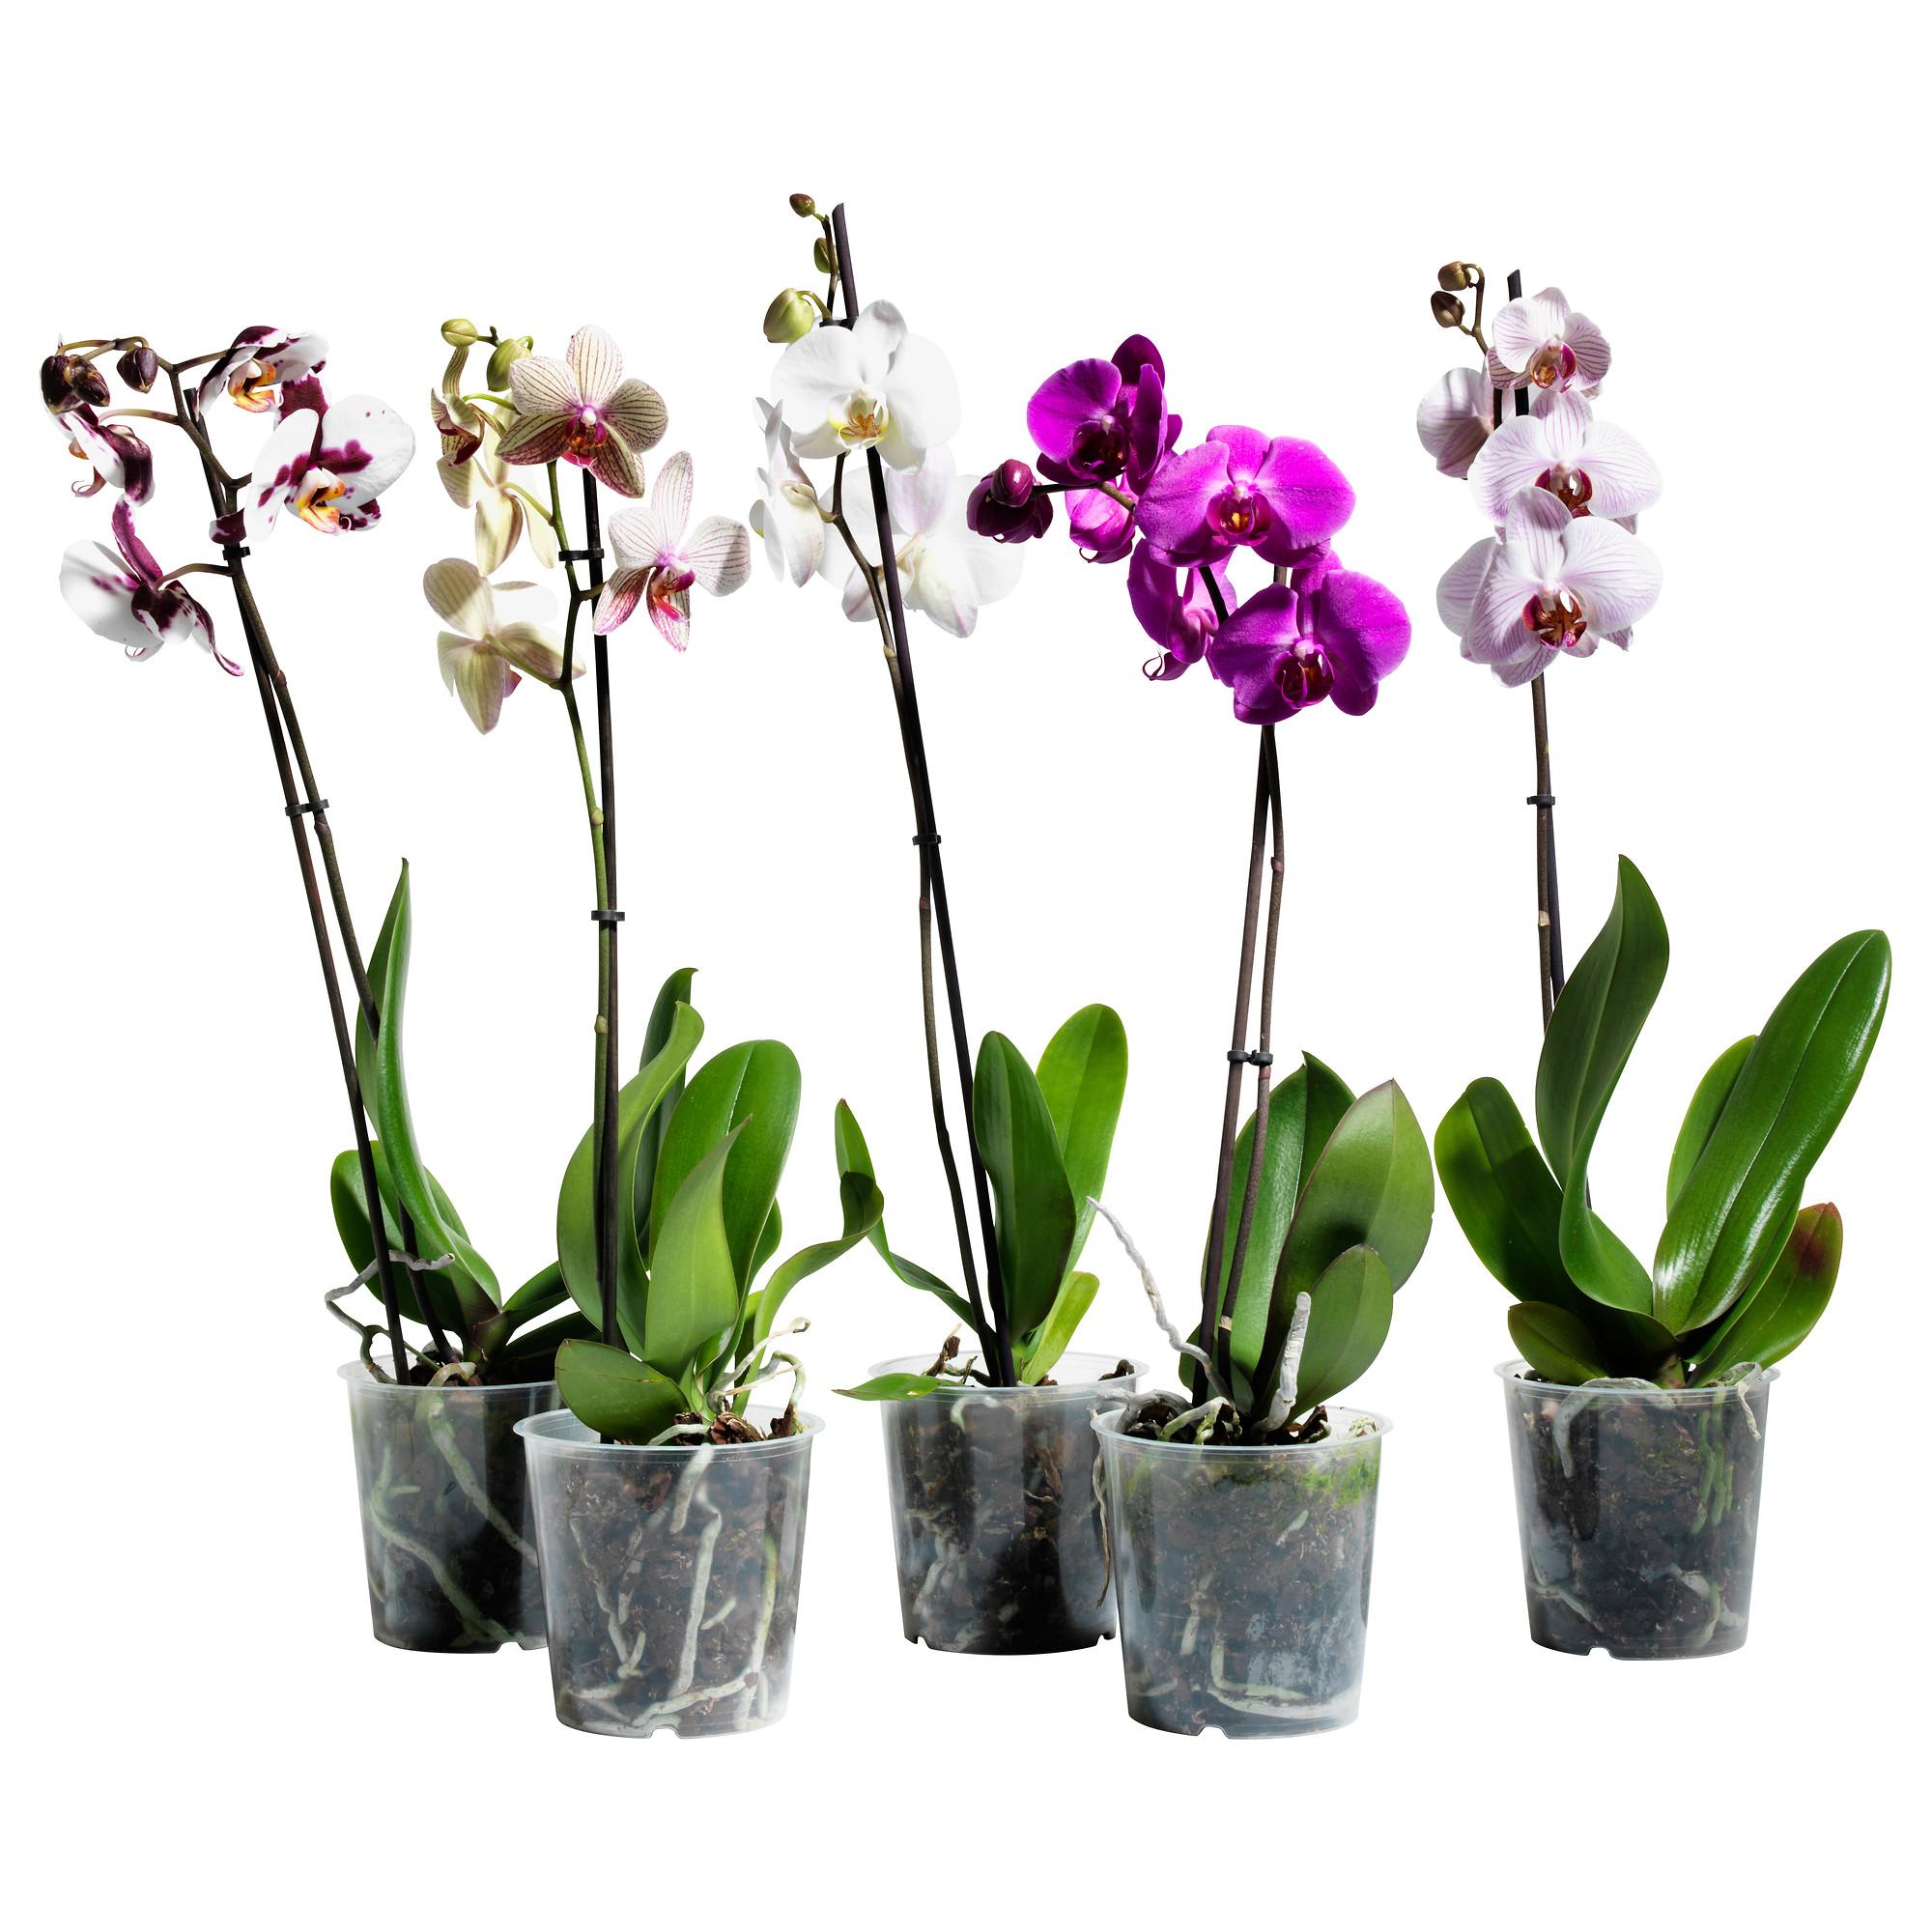 Фото цветка орхидея в горшке